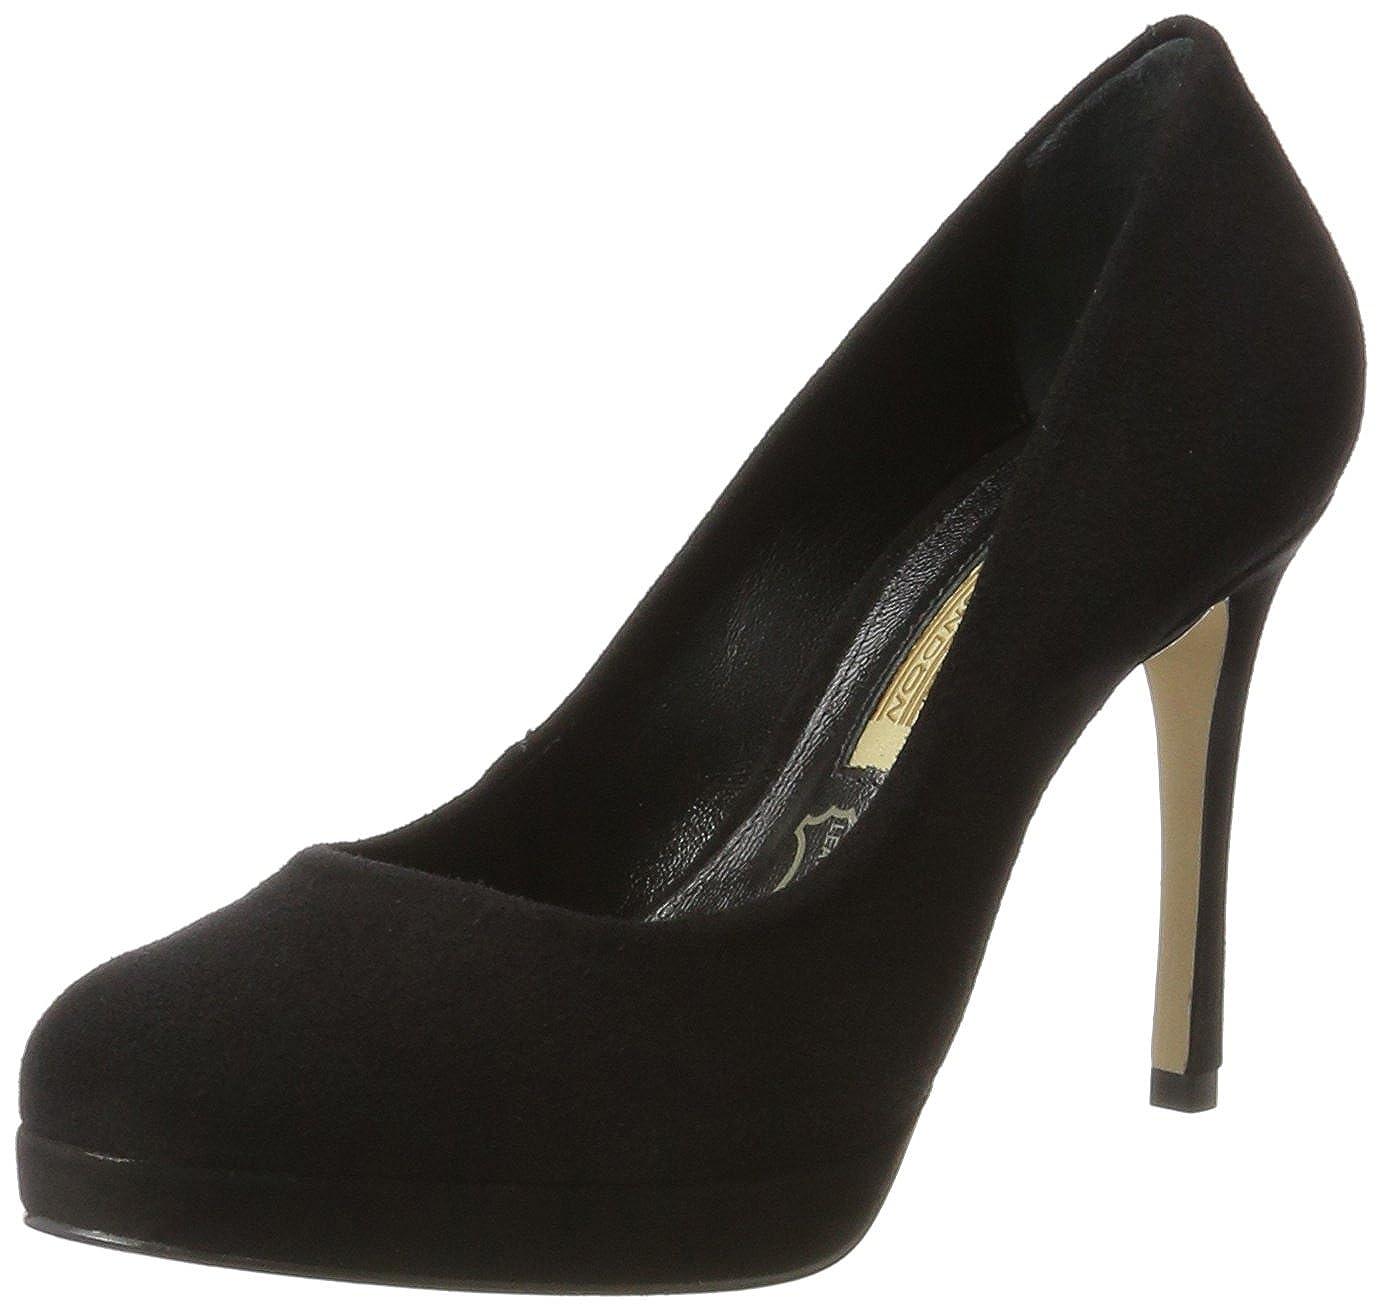 TALLA 39 EU. Buffalo London Zs 7906-16 Suede, Zapatos de Tacón para Mujer